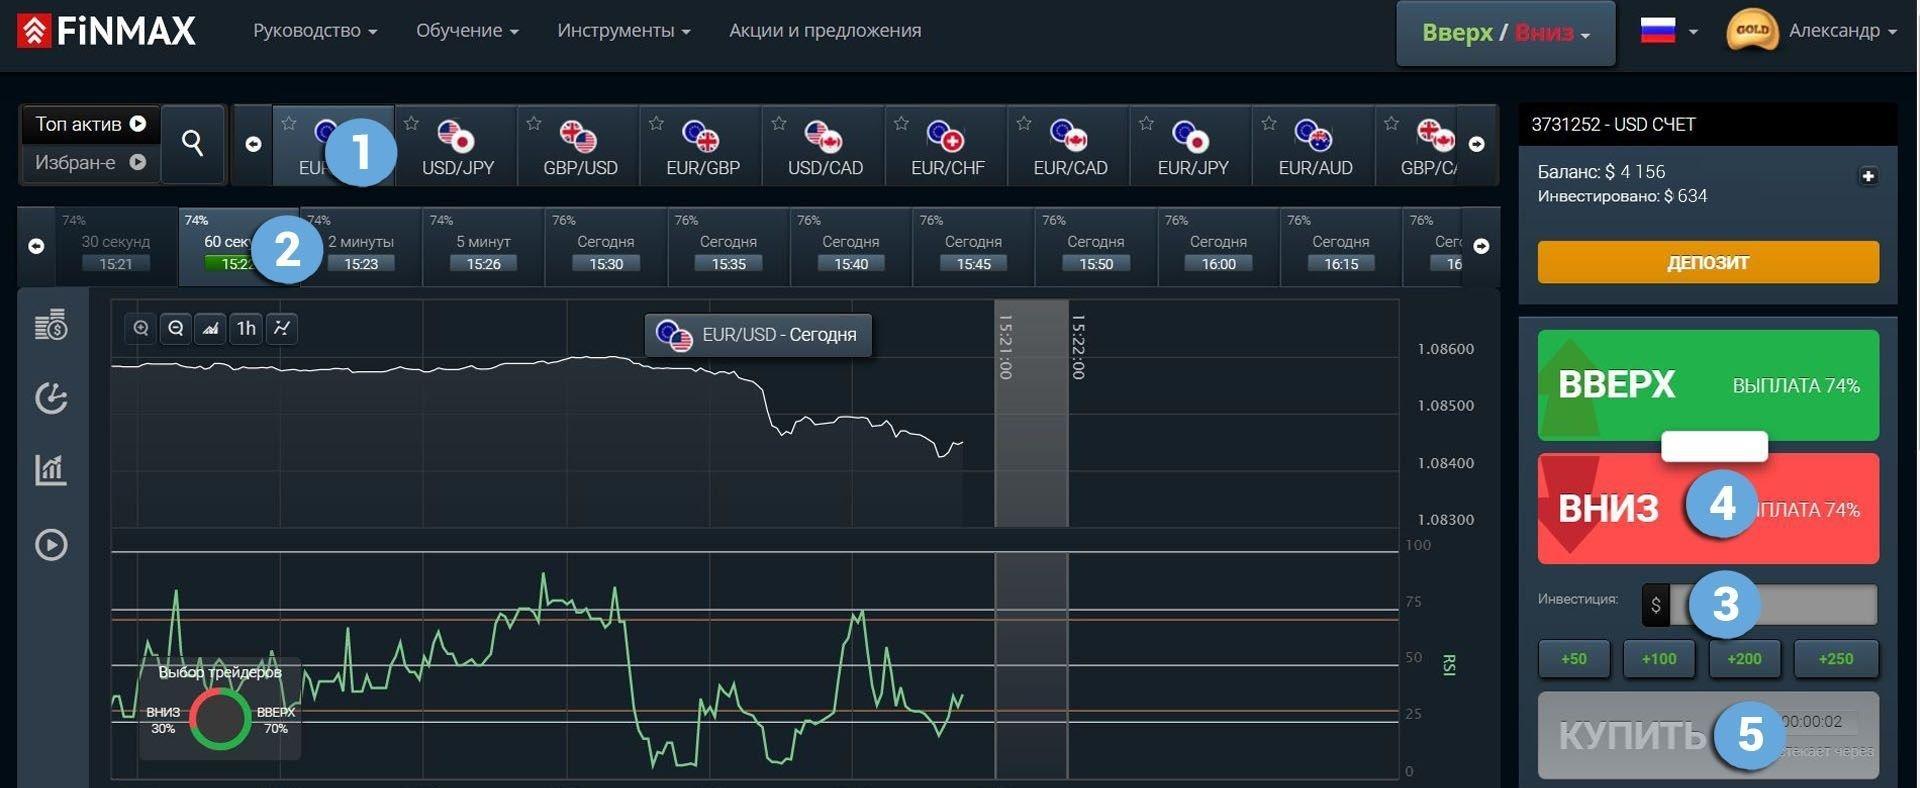 Используйте нисходящую тенденцию рынка у брокера Finmax